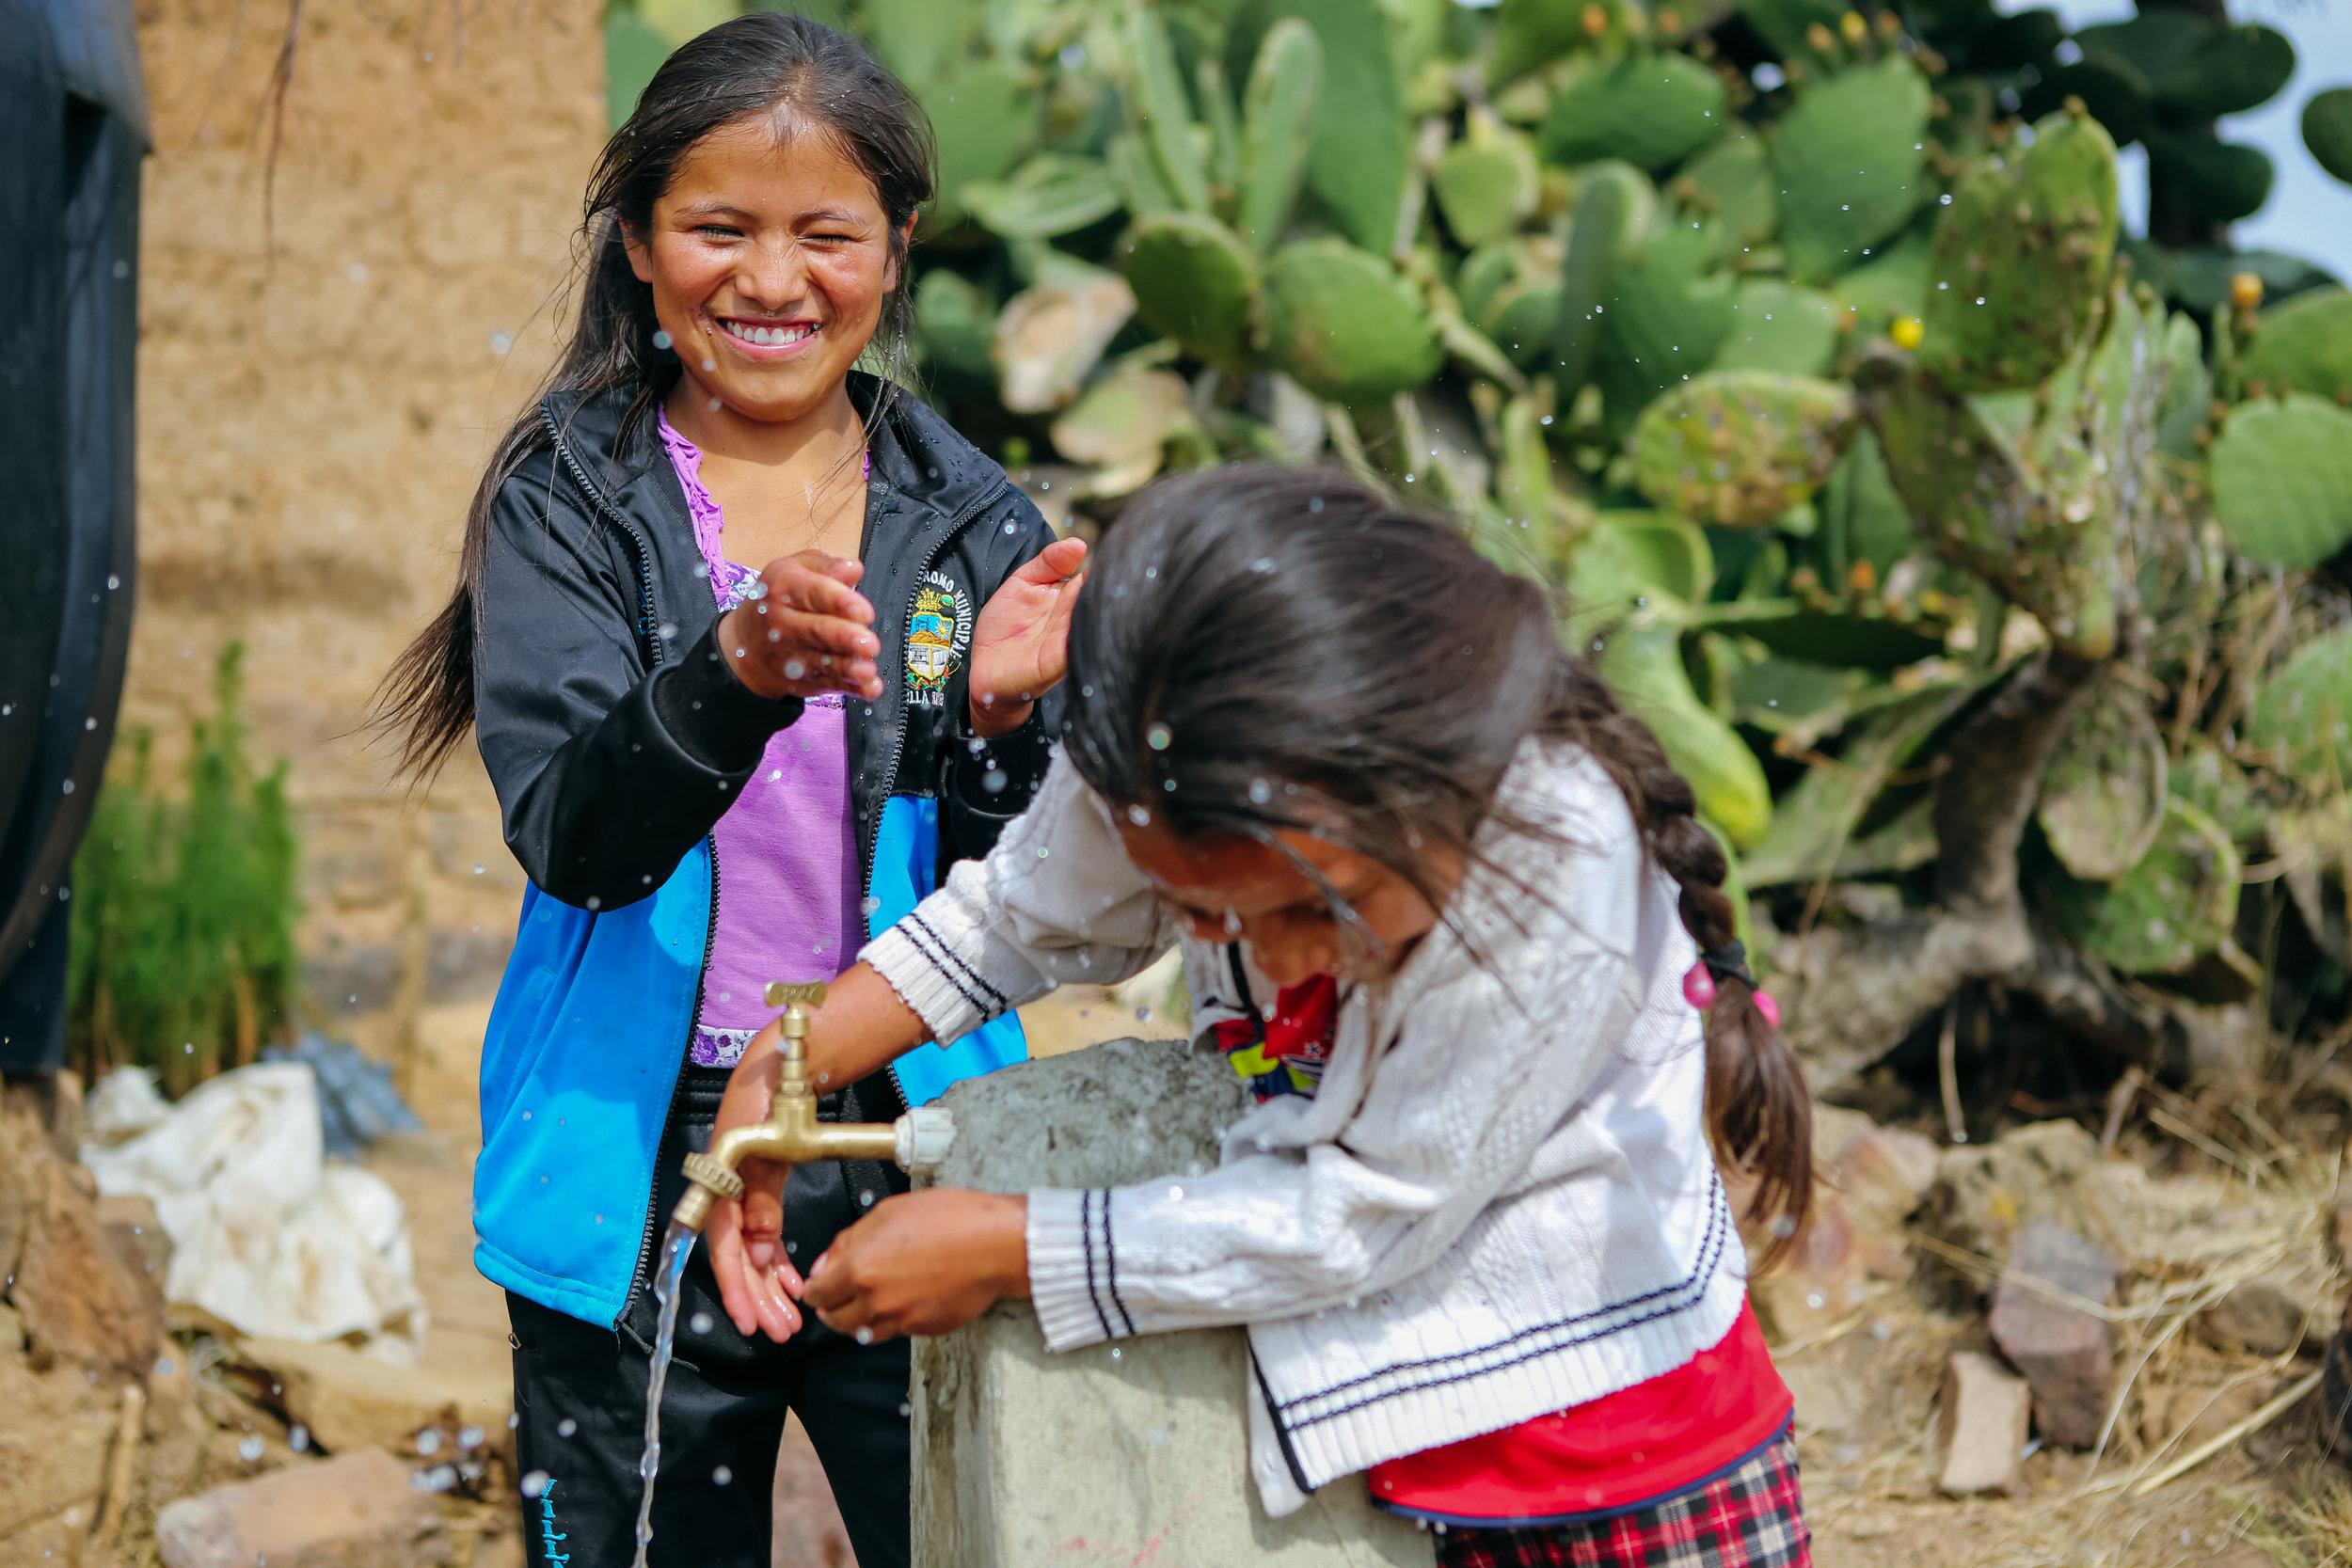 Bolivia02_VillaRivero_Thagoni_20170905 (70 of 120).jpg